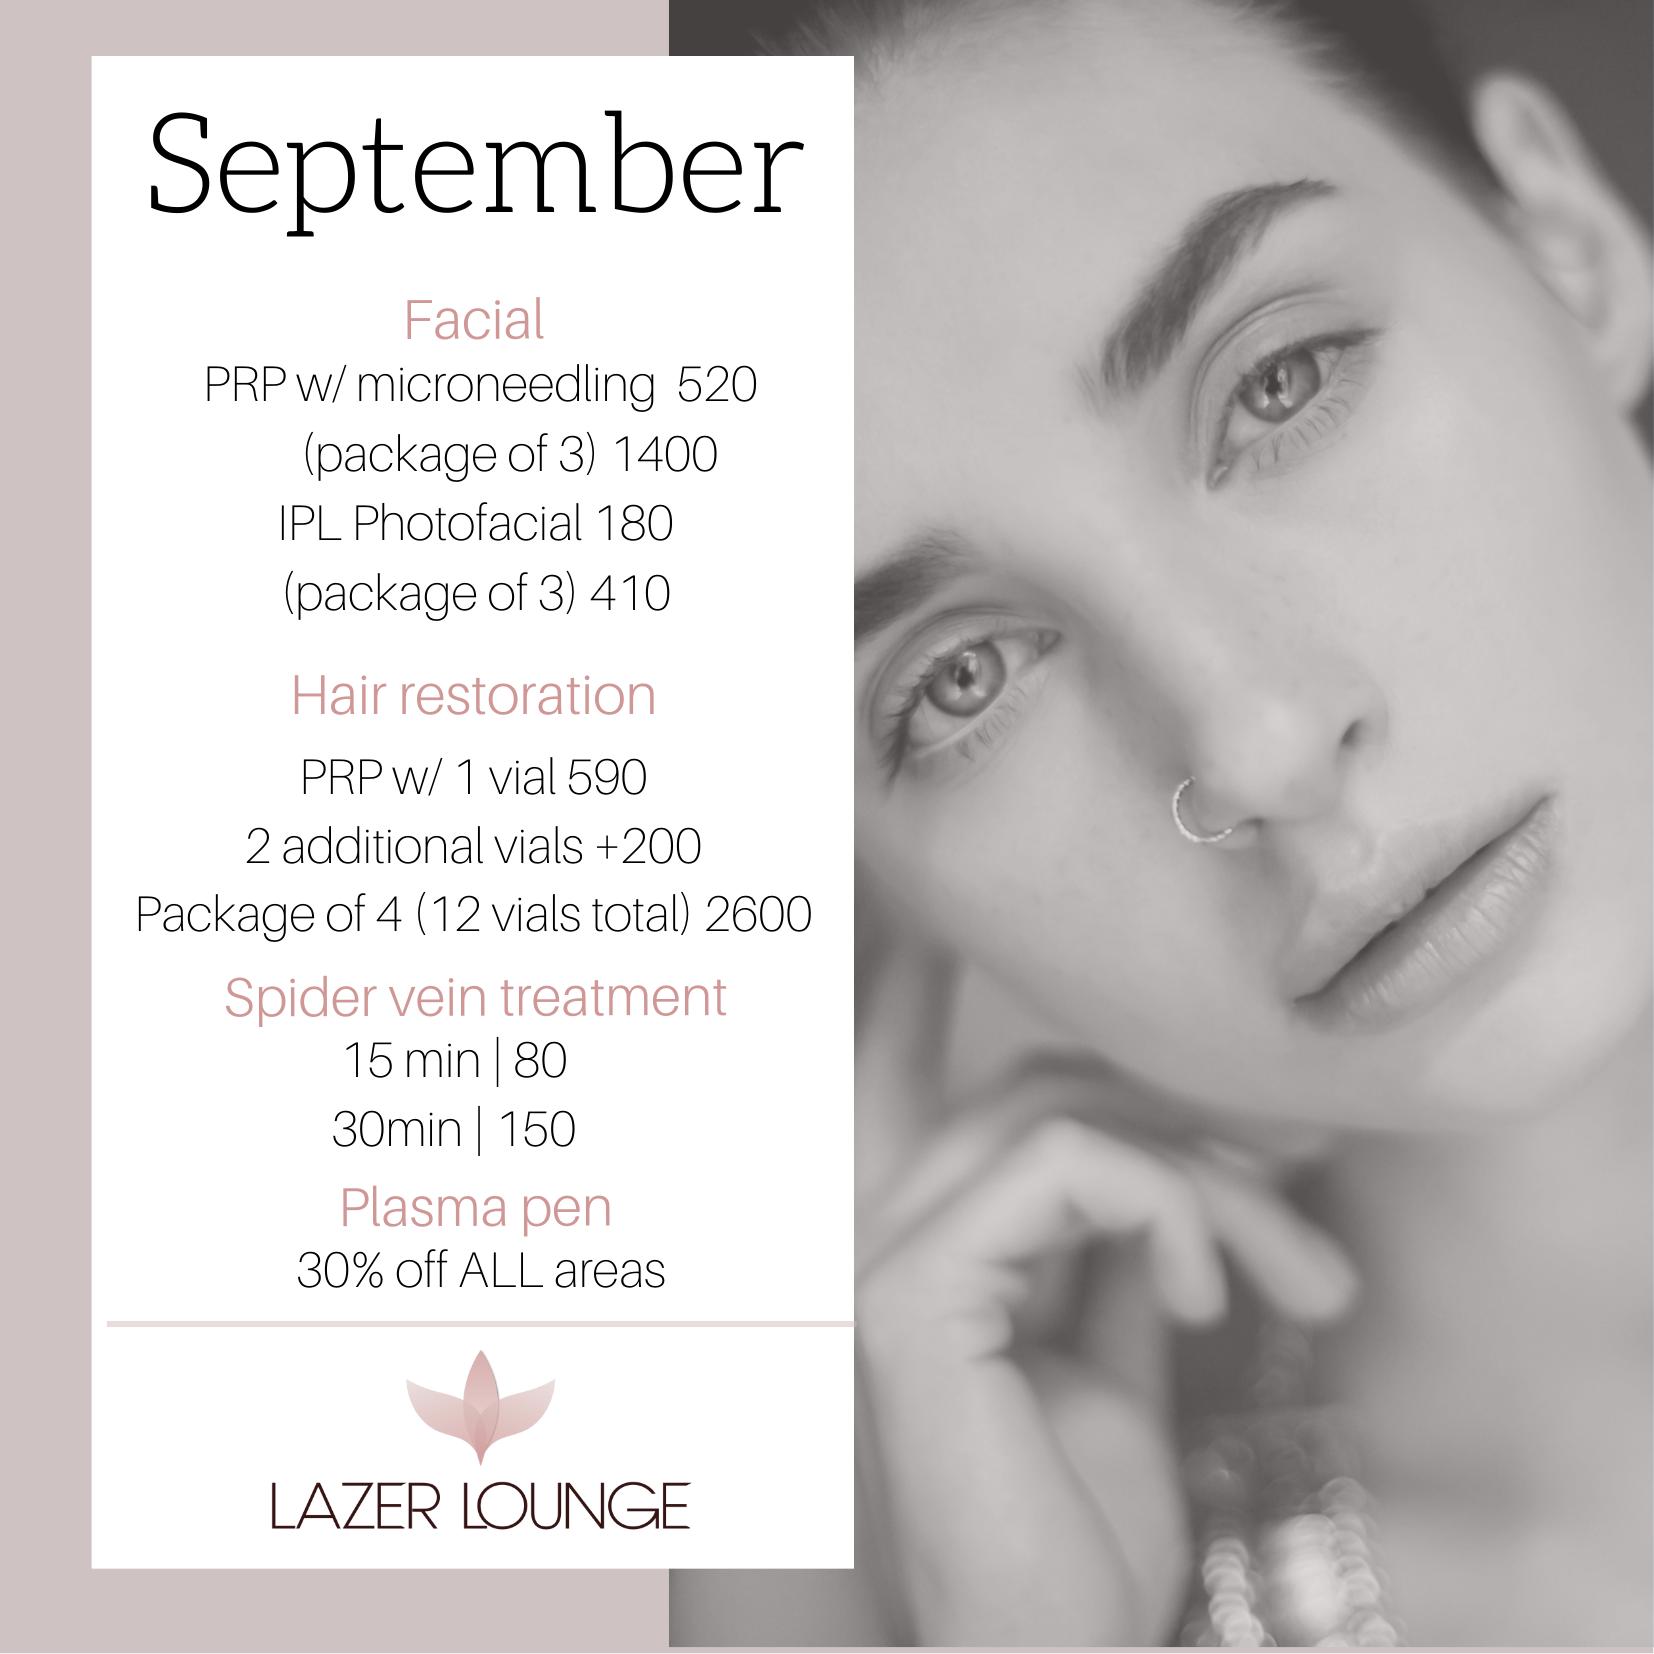 September Facials Special